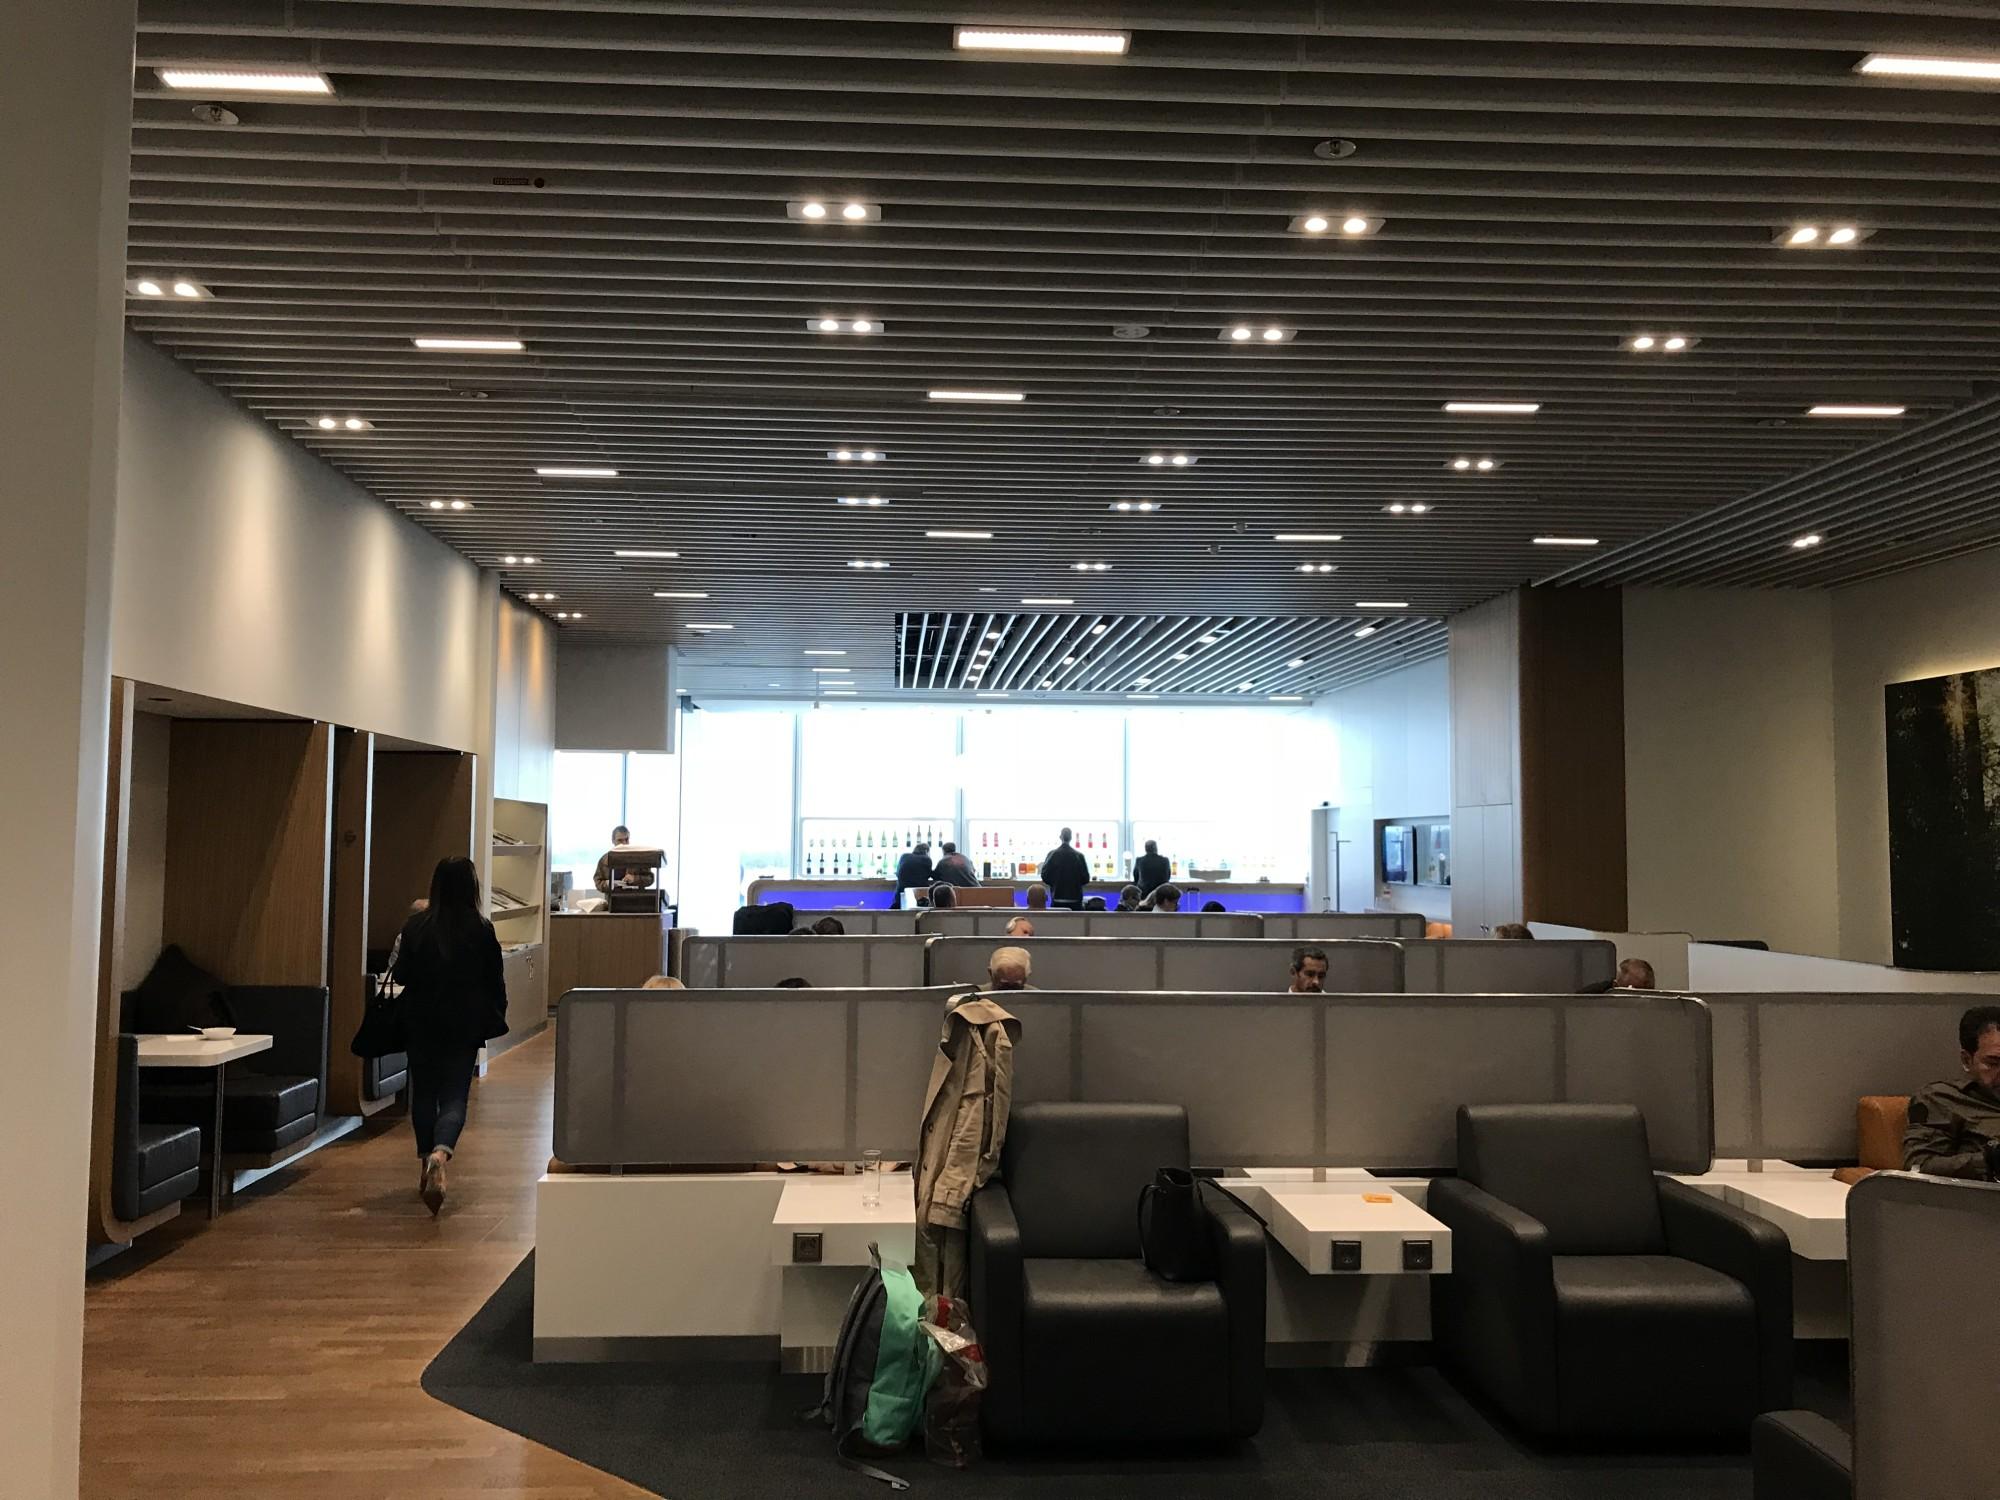 MUC: Lufthansa Business Lounge (Non Schengen) Bewertungen U0026 Fotos    Terminal 2 Satellite, Munich Airport | LoungeBuddy